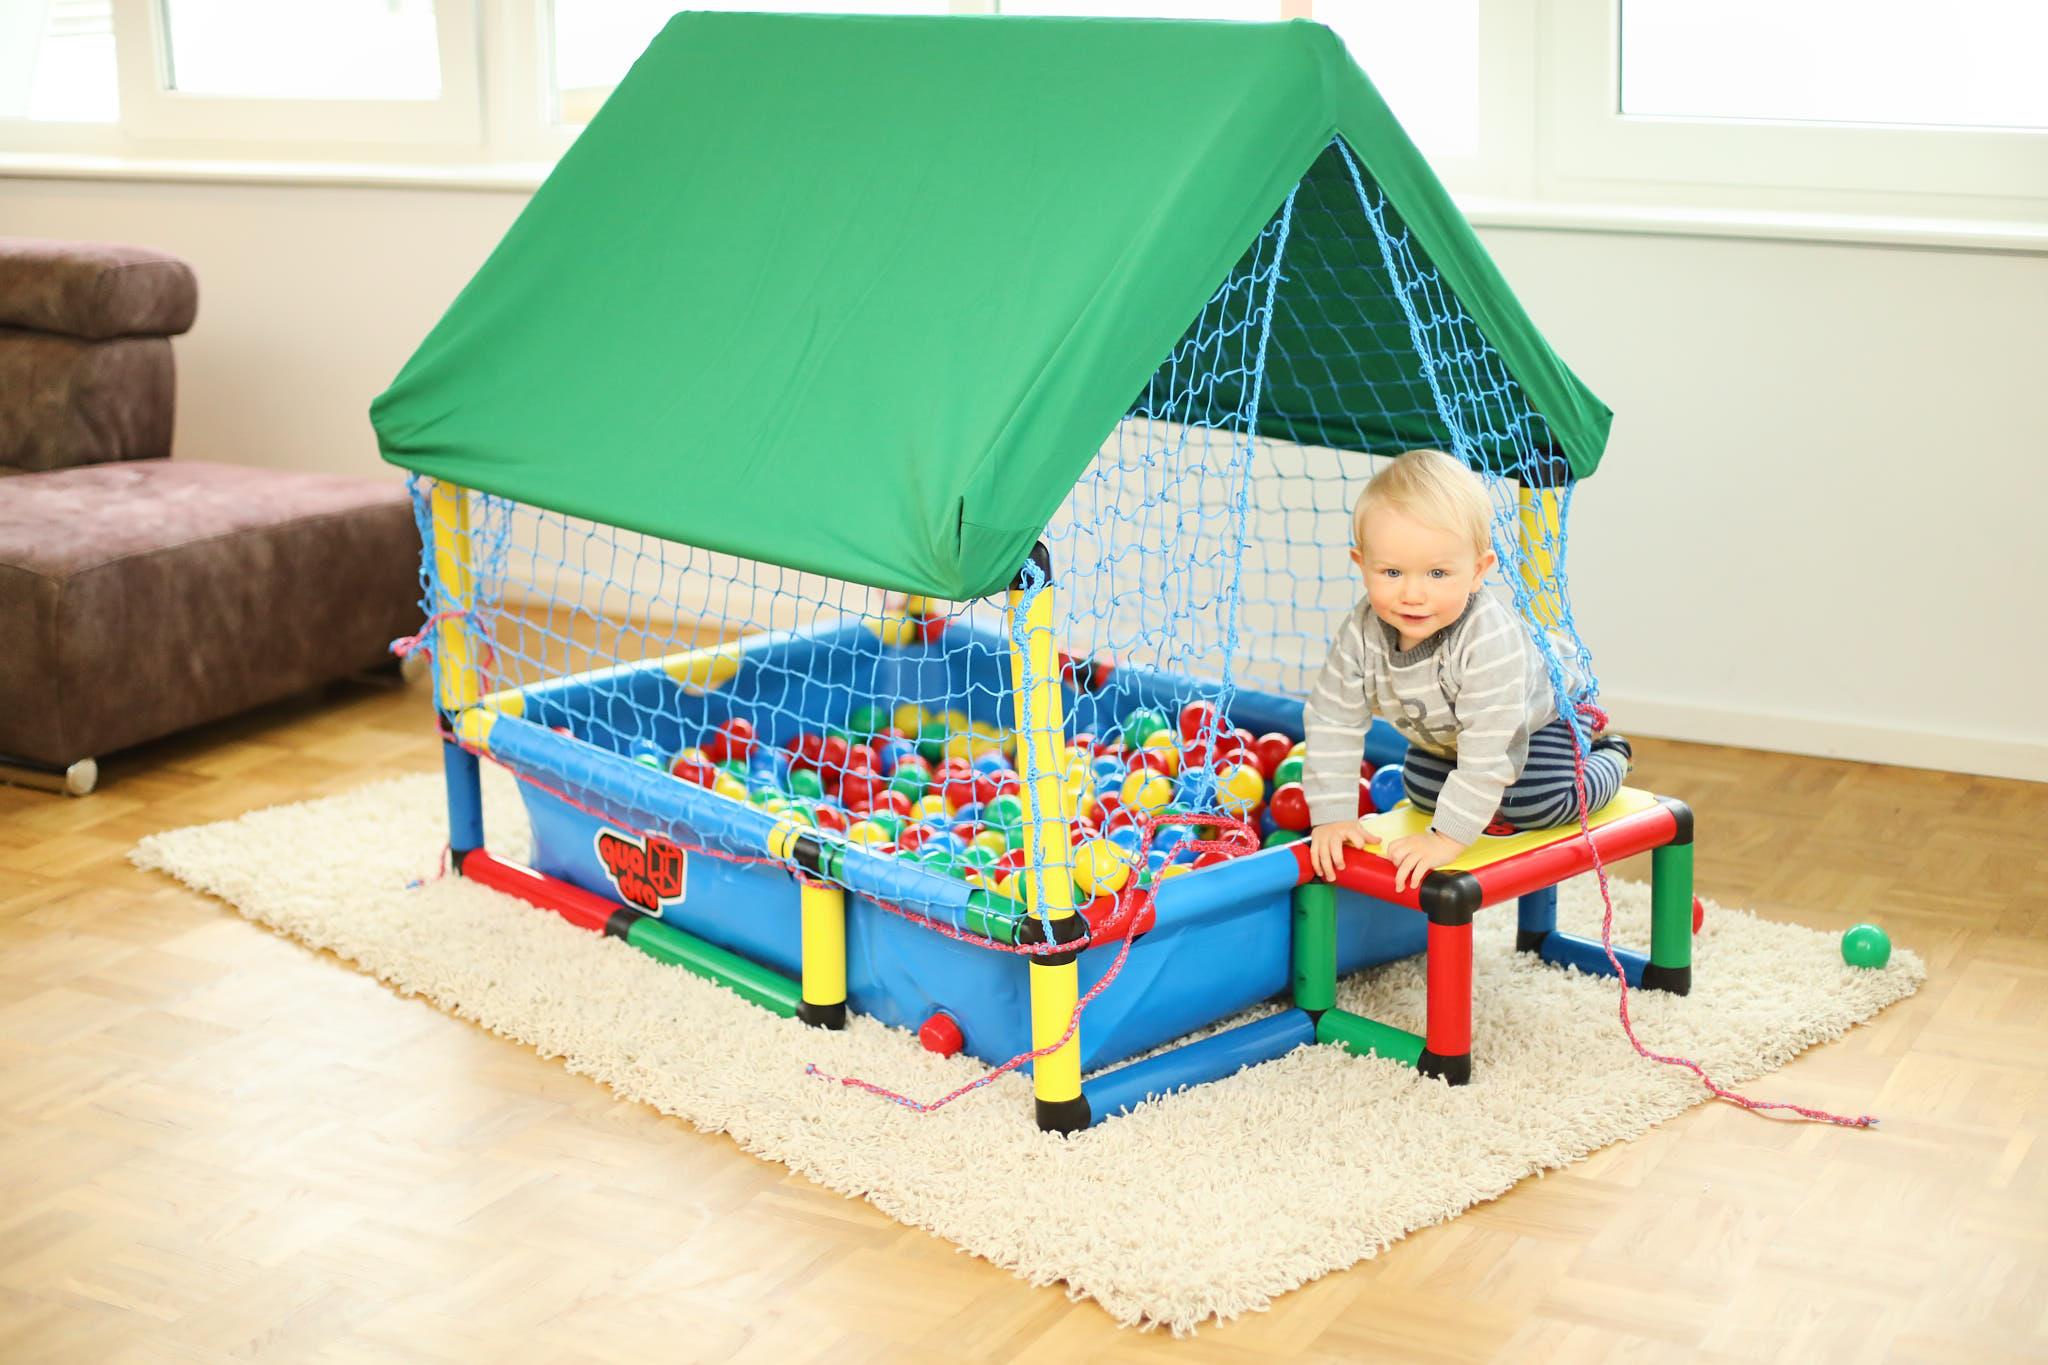 Klettergerüst Baby Holz : Baby ballcage quadro der grossbaukasten